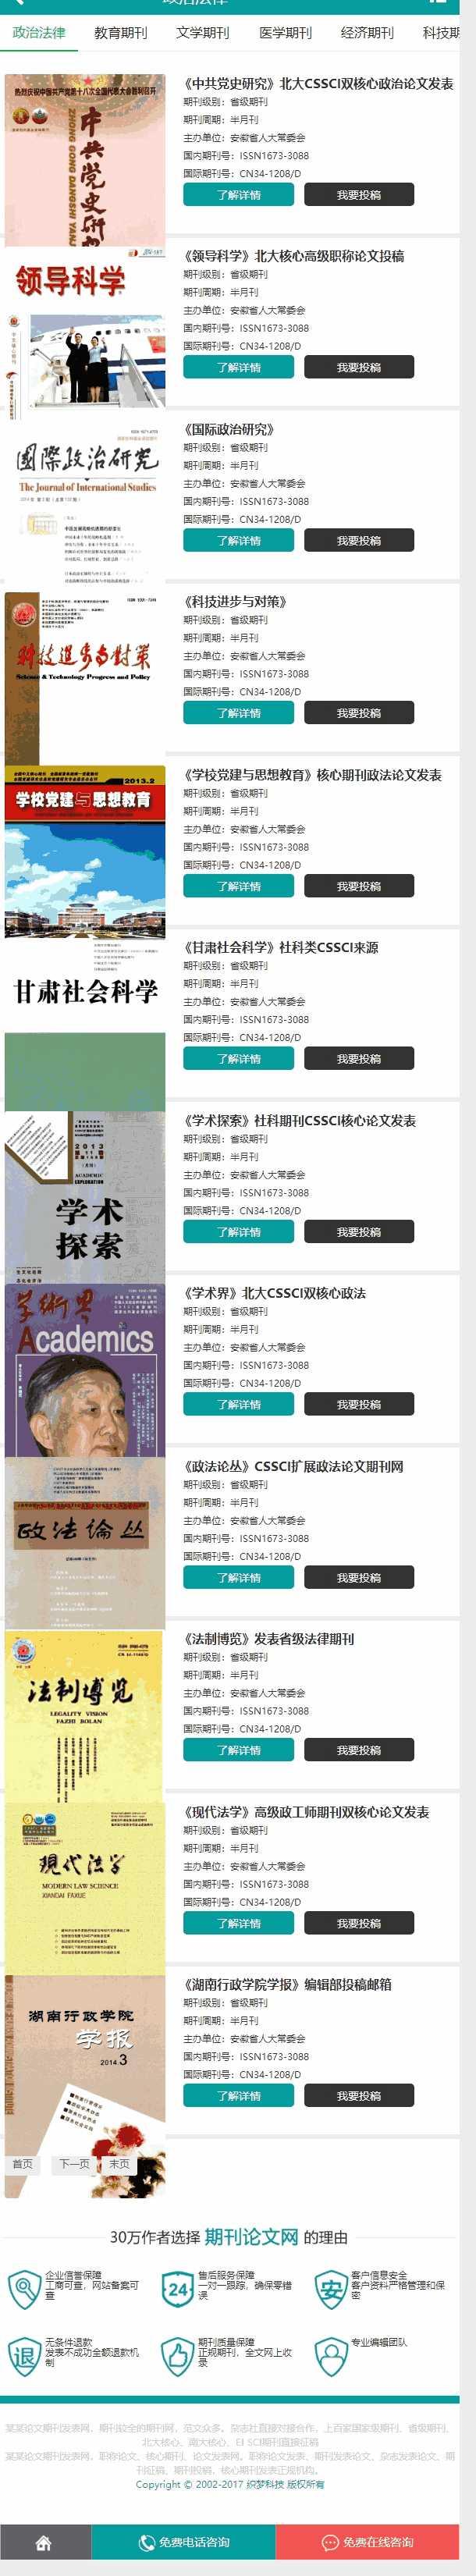 手机期刊列表